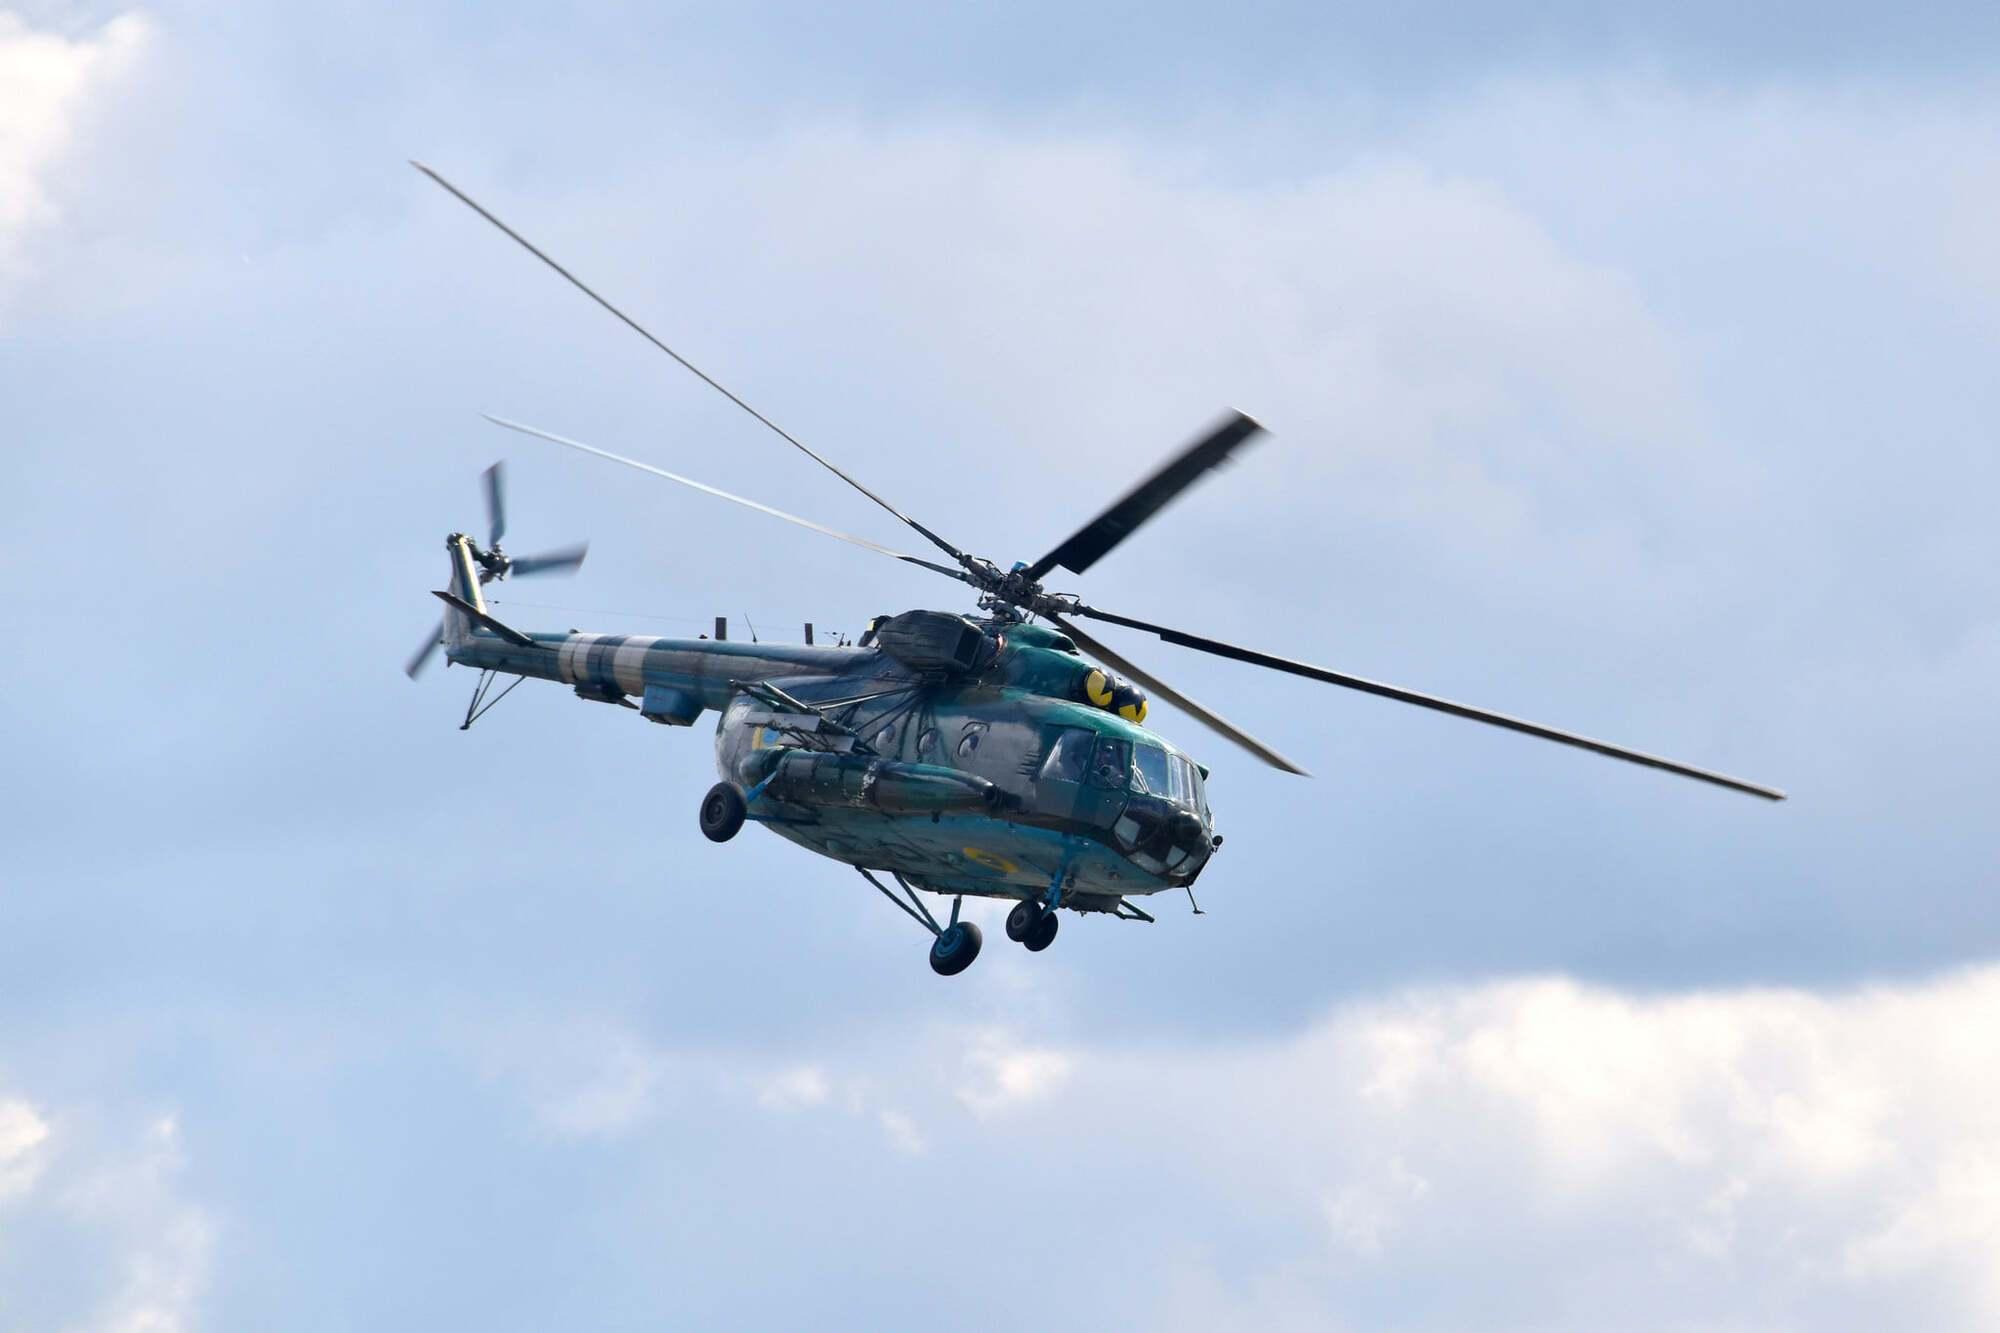 Вертолетчики ВСУ выполнили упражнения из курса боевой подготовки